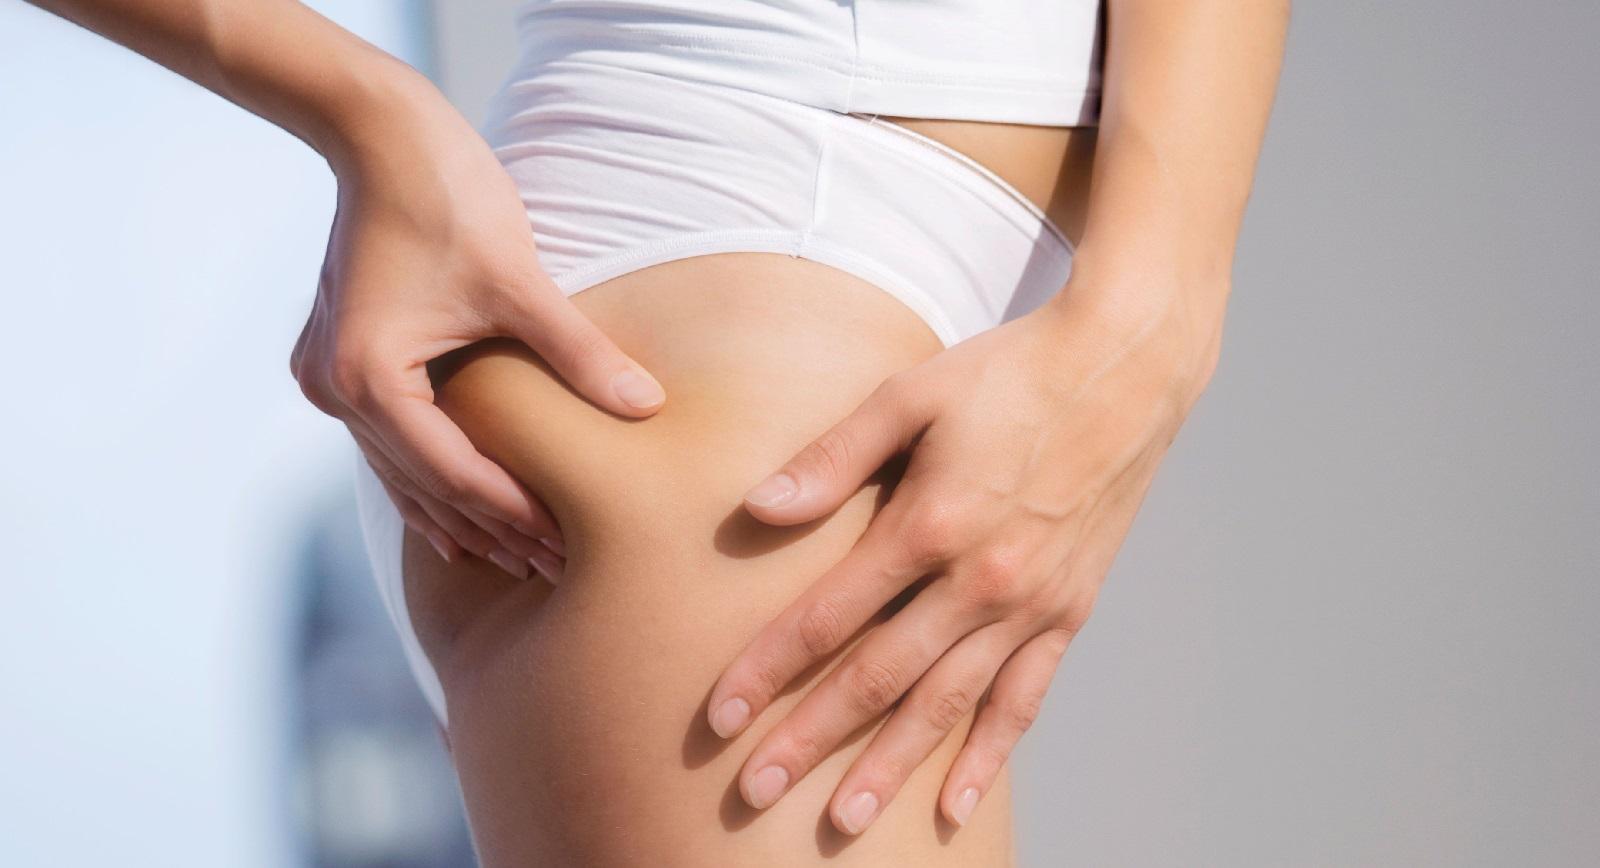 Чем лечить шишки после уколов на ягодицах?